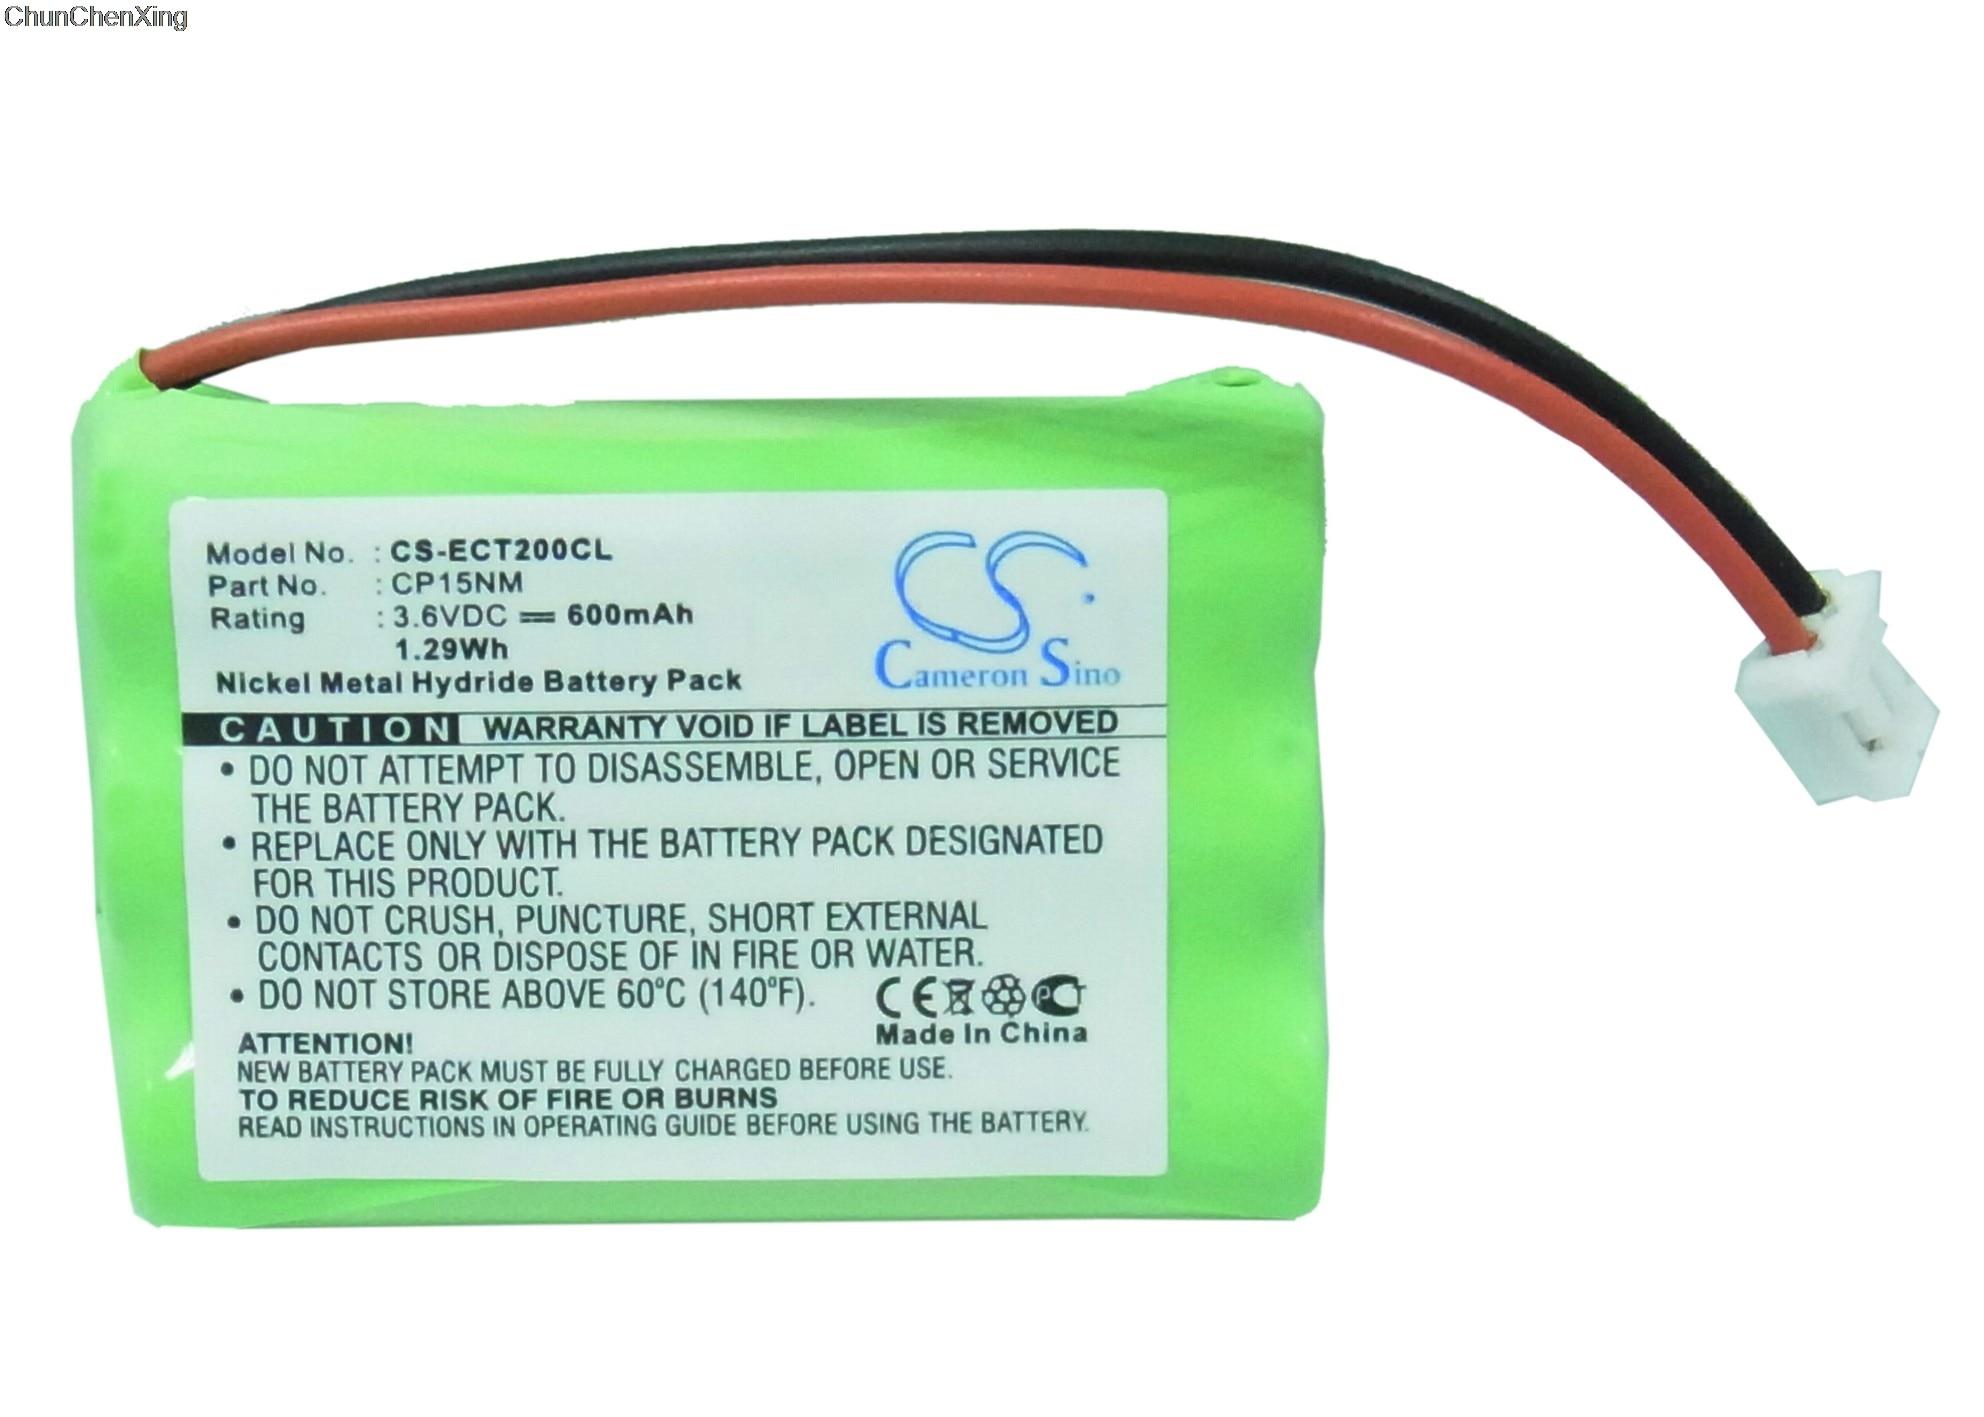 Аккумулятор Cameron Sino 600 мАч для Alcatel Comfort, Easy, EASY S, M-S, Altiset Pro, PRO-I, S, S GAP, Voice, MS, Voice M, Bilboa 570